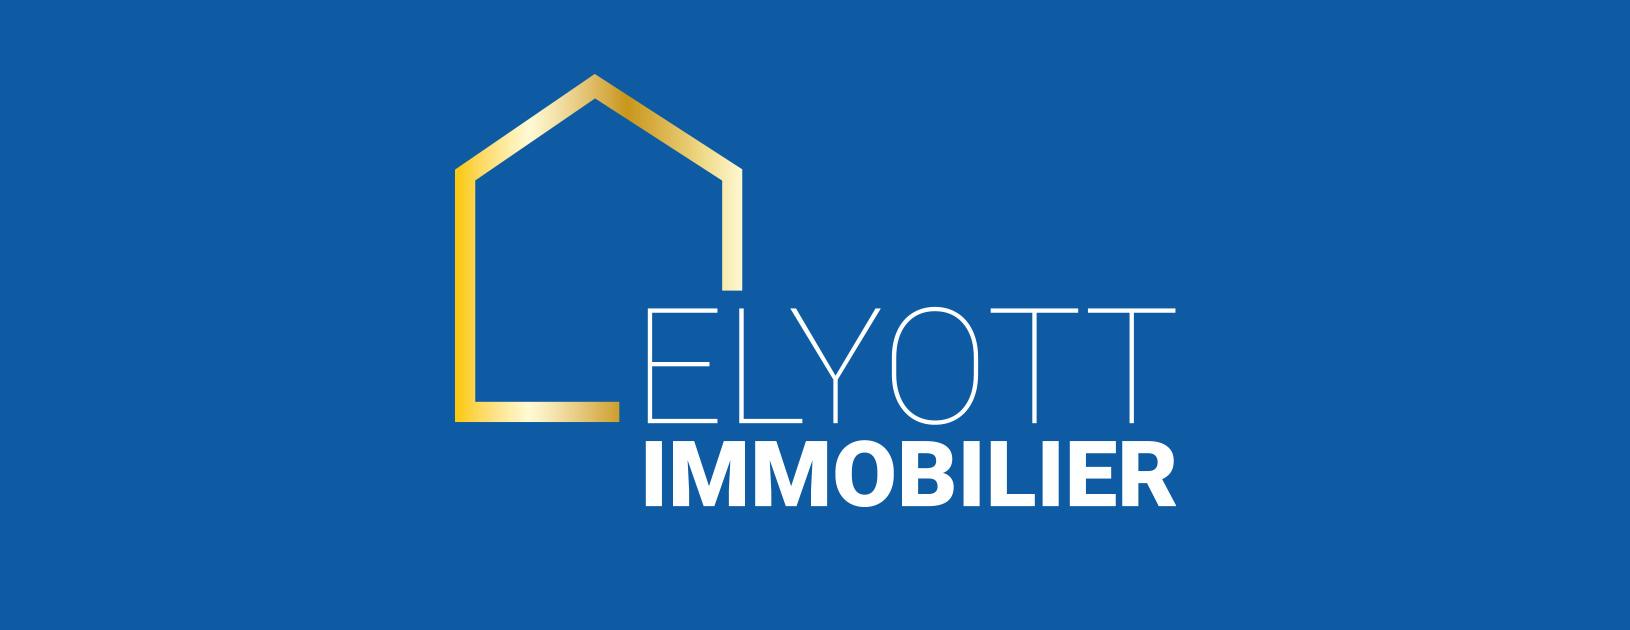 Syndic de copropriété - Location saisonnière | Syndic de copropriété performant - Elyott Immobilier -1